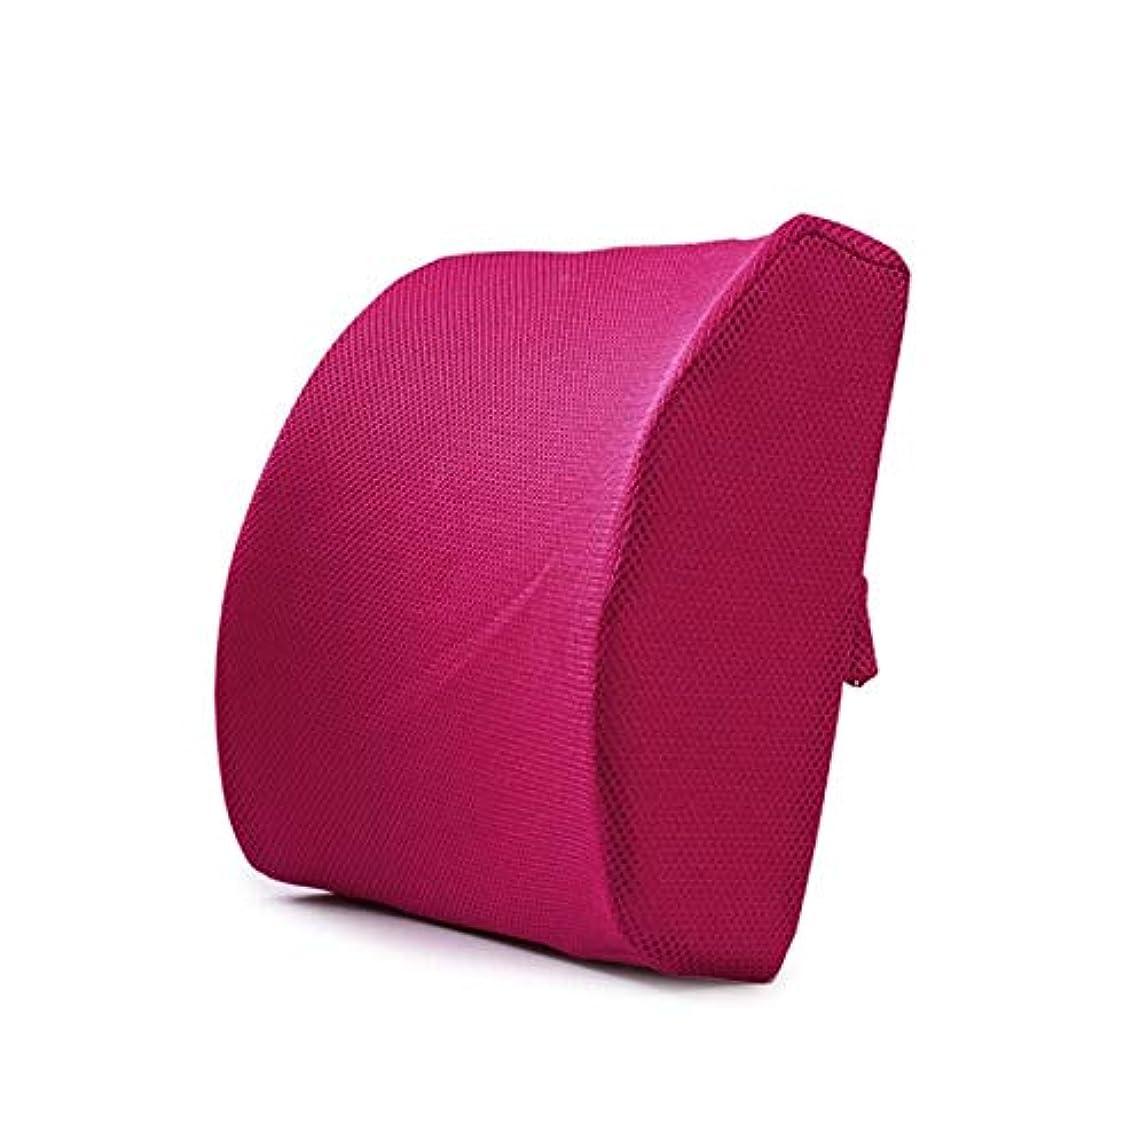 自分の派生するグリップLIFE ホームオフィス背もたれ椅子腰椎クッションカーシートネック枕 3D 低反発サポートバックマッサージウエストレスリビング枕 クッション 椅子